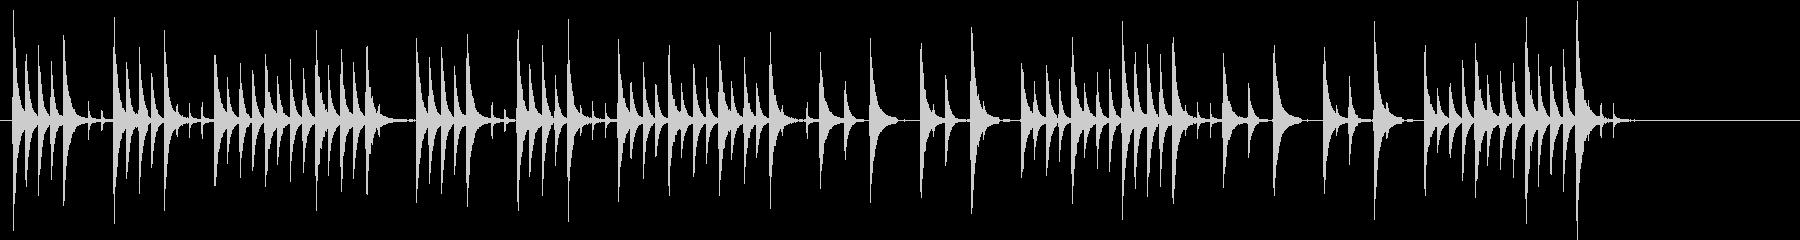 コミカルな雰囲気の曲の未再生の波形